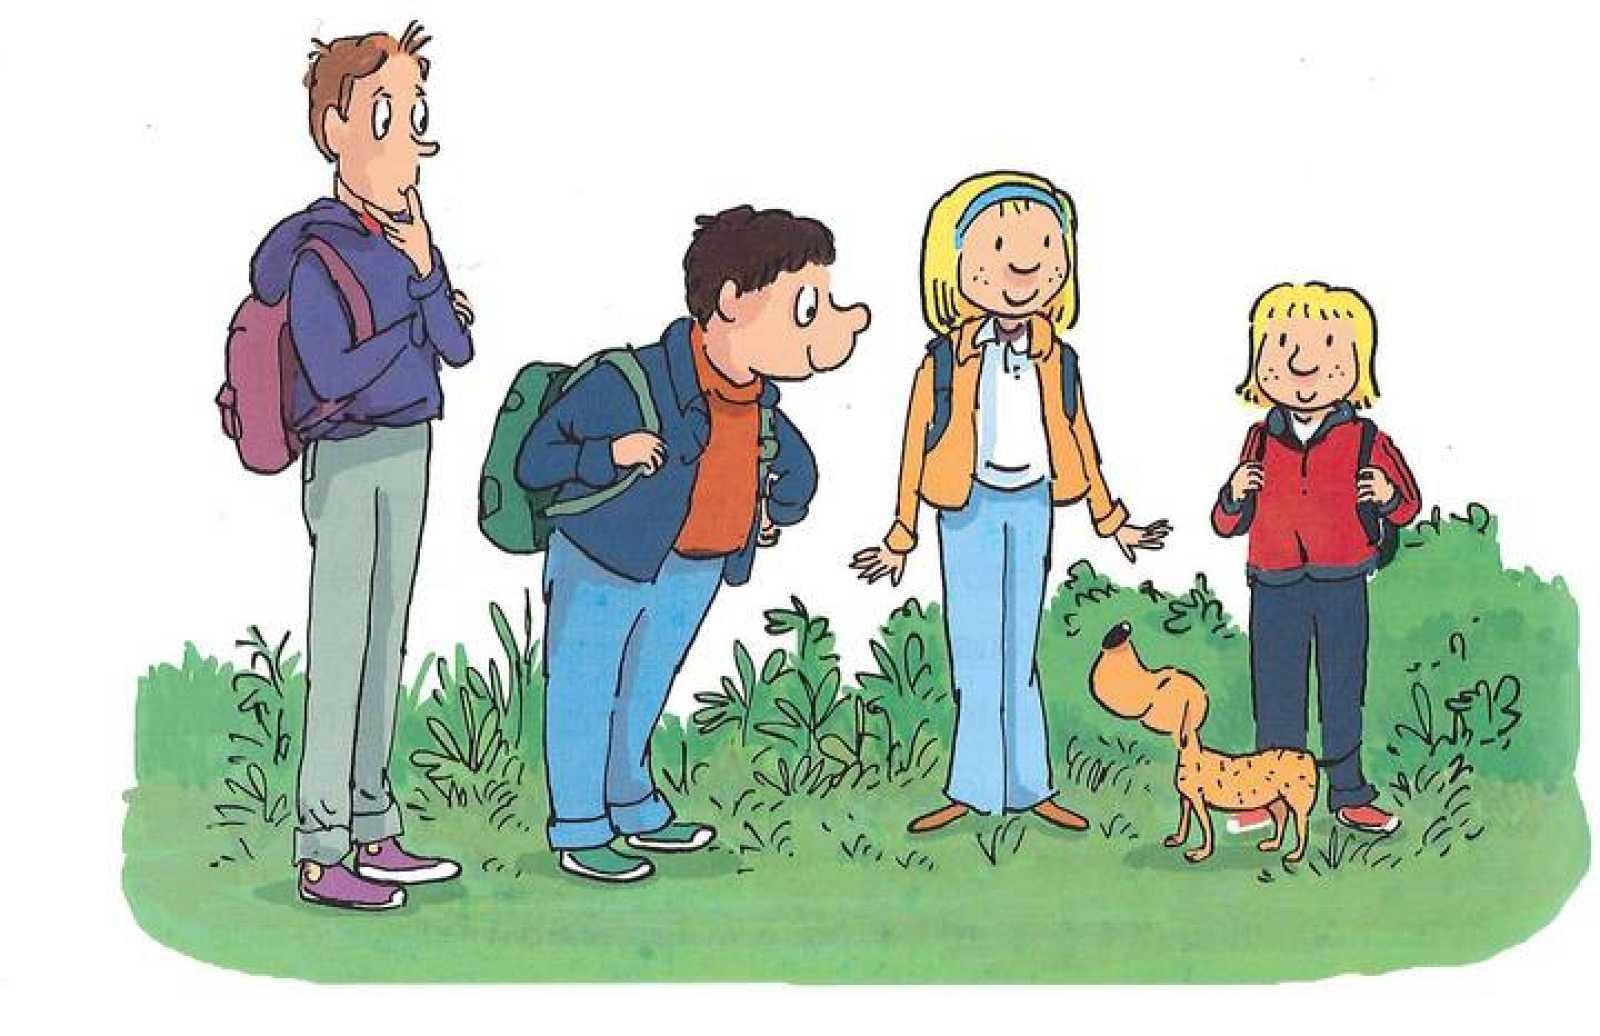 Los protagonistas: Estefi, Rabanito, Charly, Fede y su perro Precioso